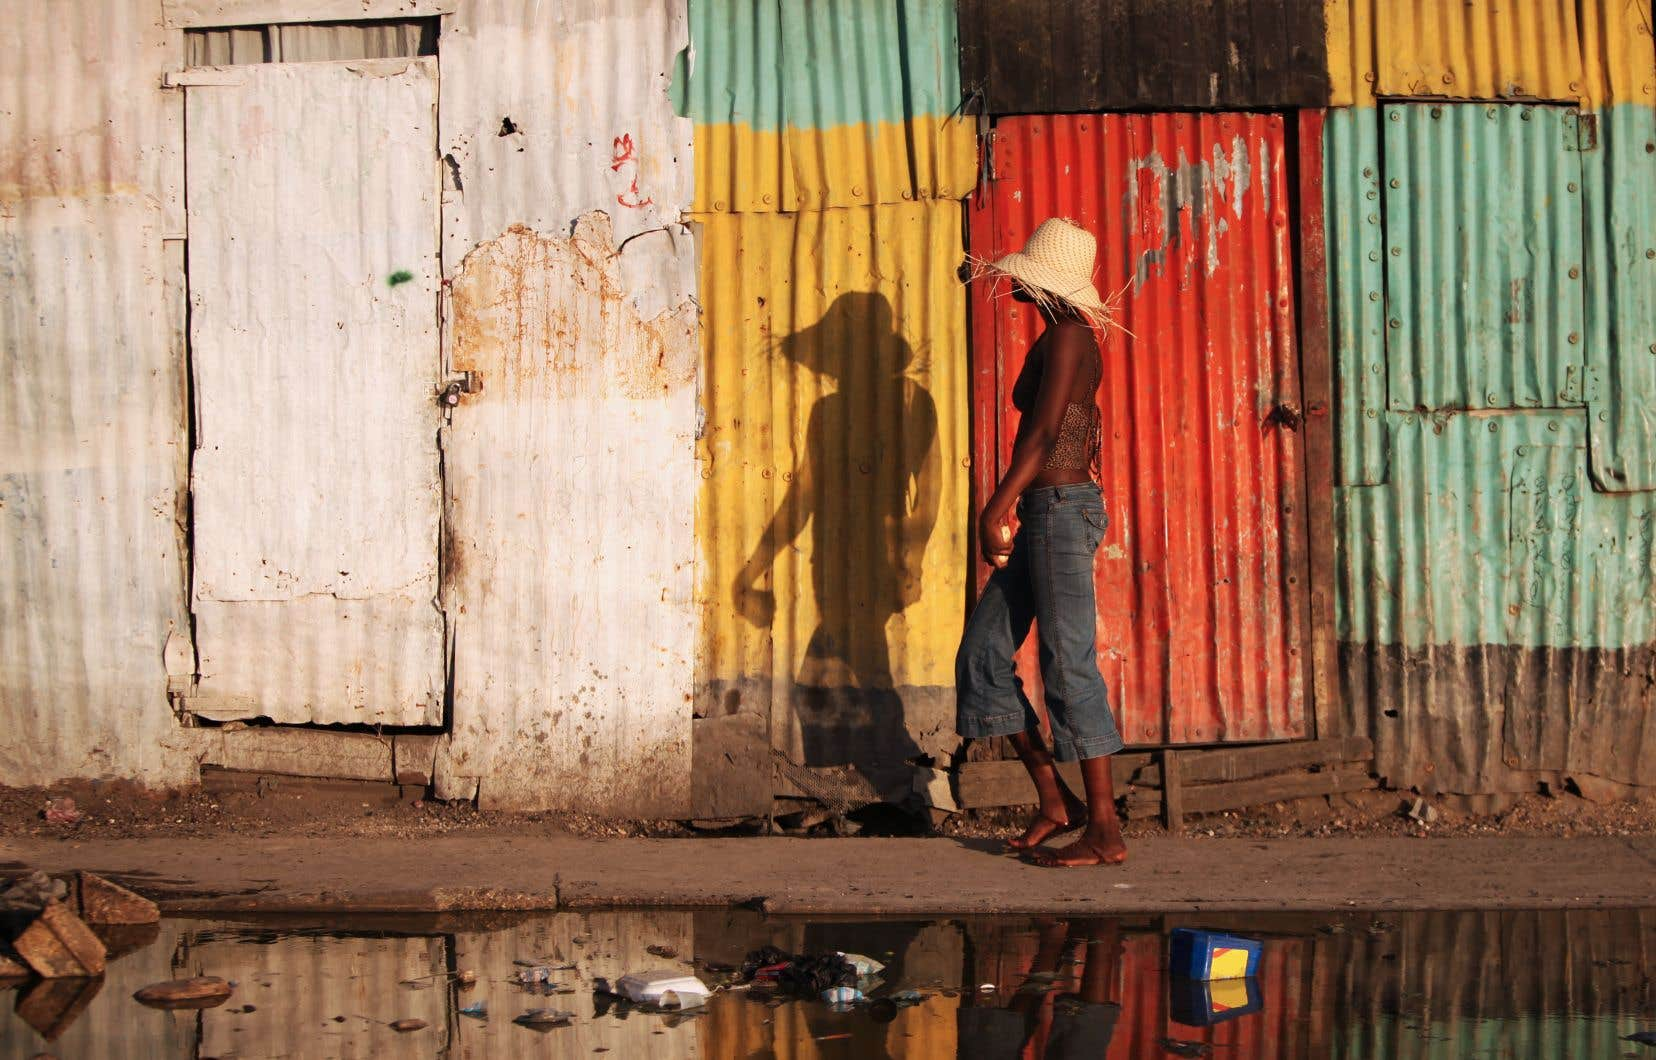 L'enquête a été lancée après le scandale qui a éclaboussé l'ONG britannique Oxfam en février, à propos d'agissements en Haïti.